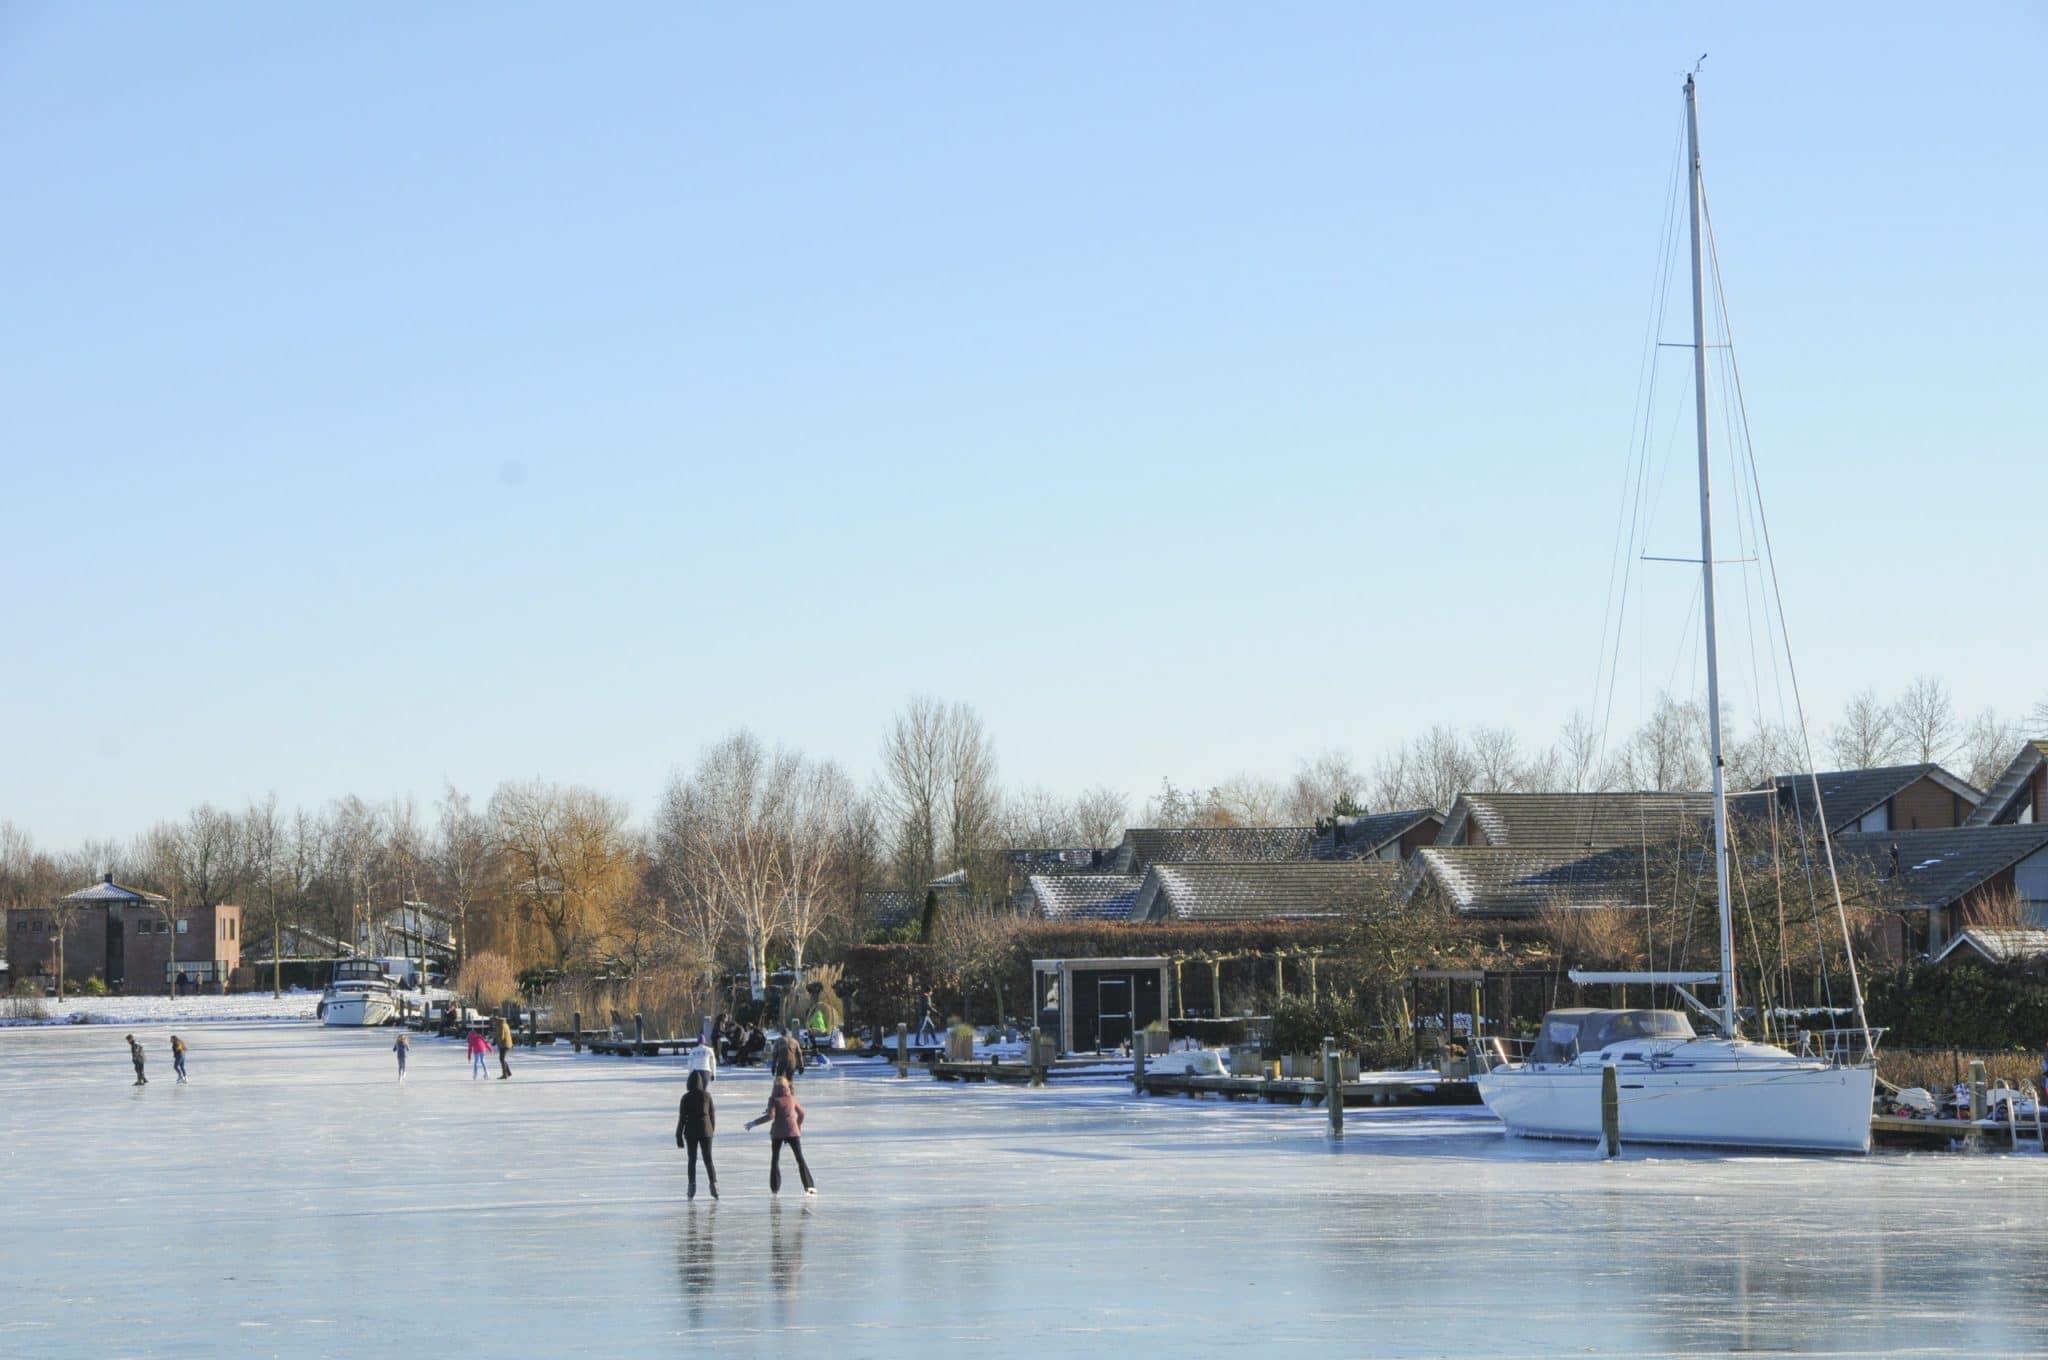 Hafen_Eislaufen_im_Winter